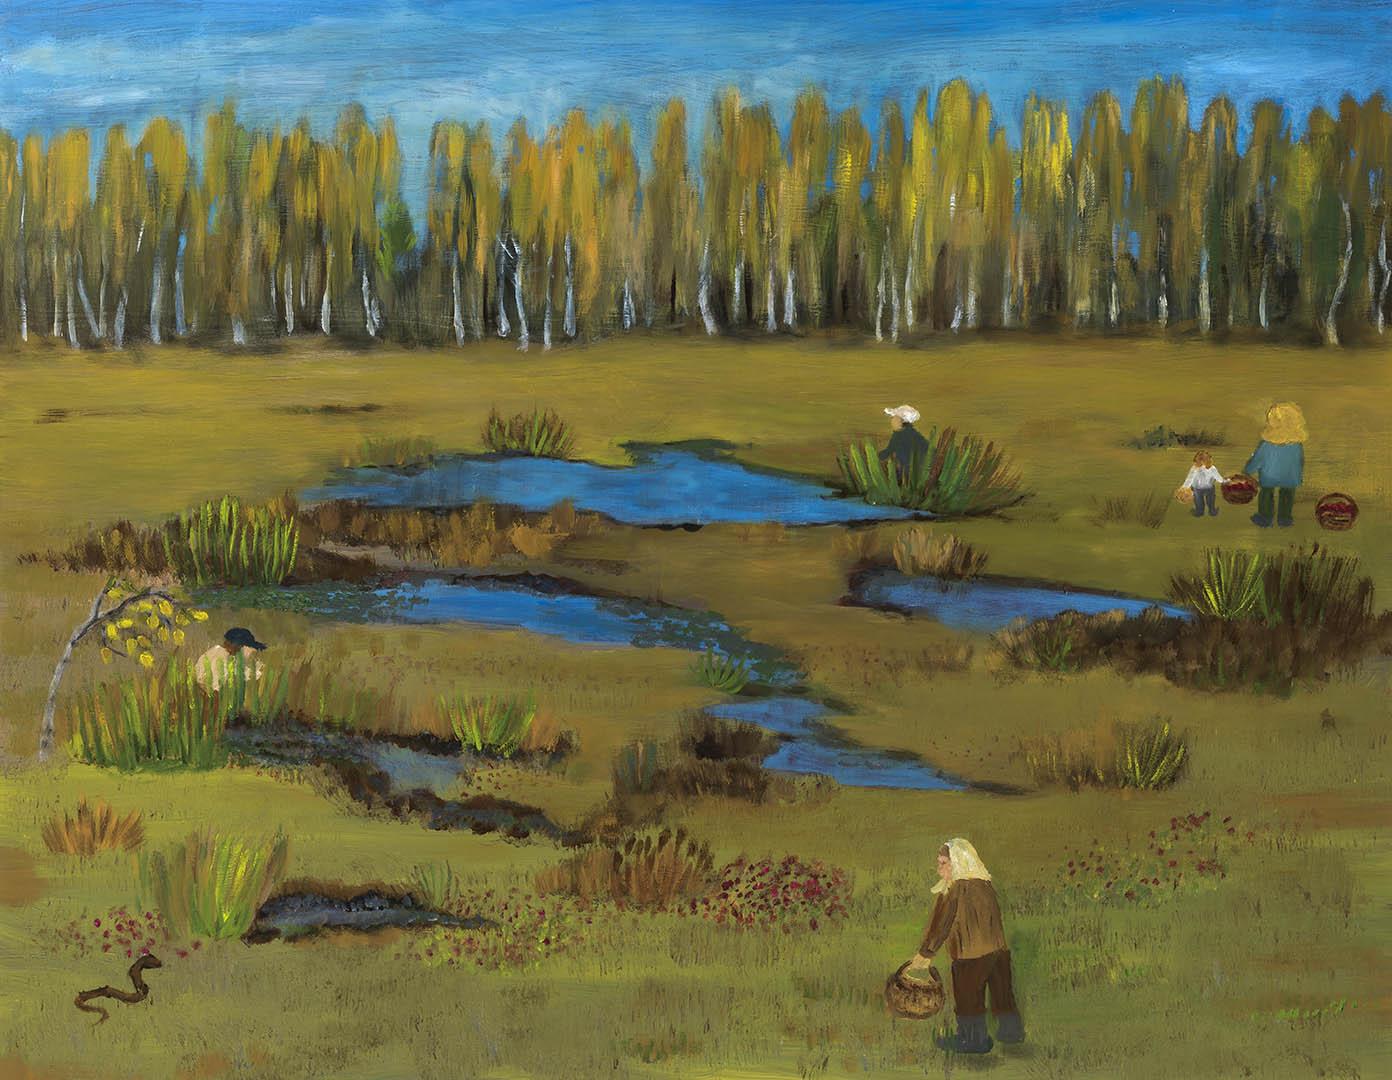 """Marijona Mieliauskienė. """"Spanguoliauja"""", 2020 m. Drobė, aliejus; 70 x 90 cm"""